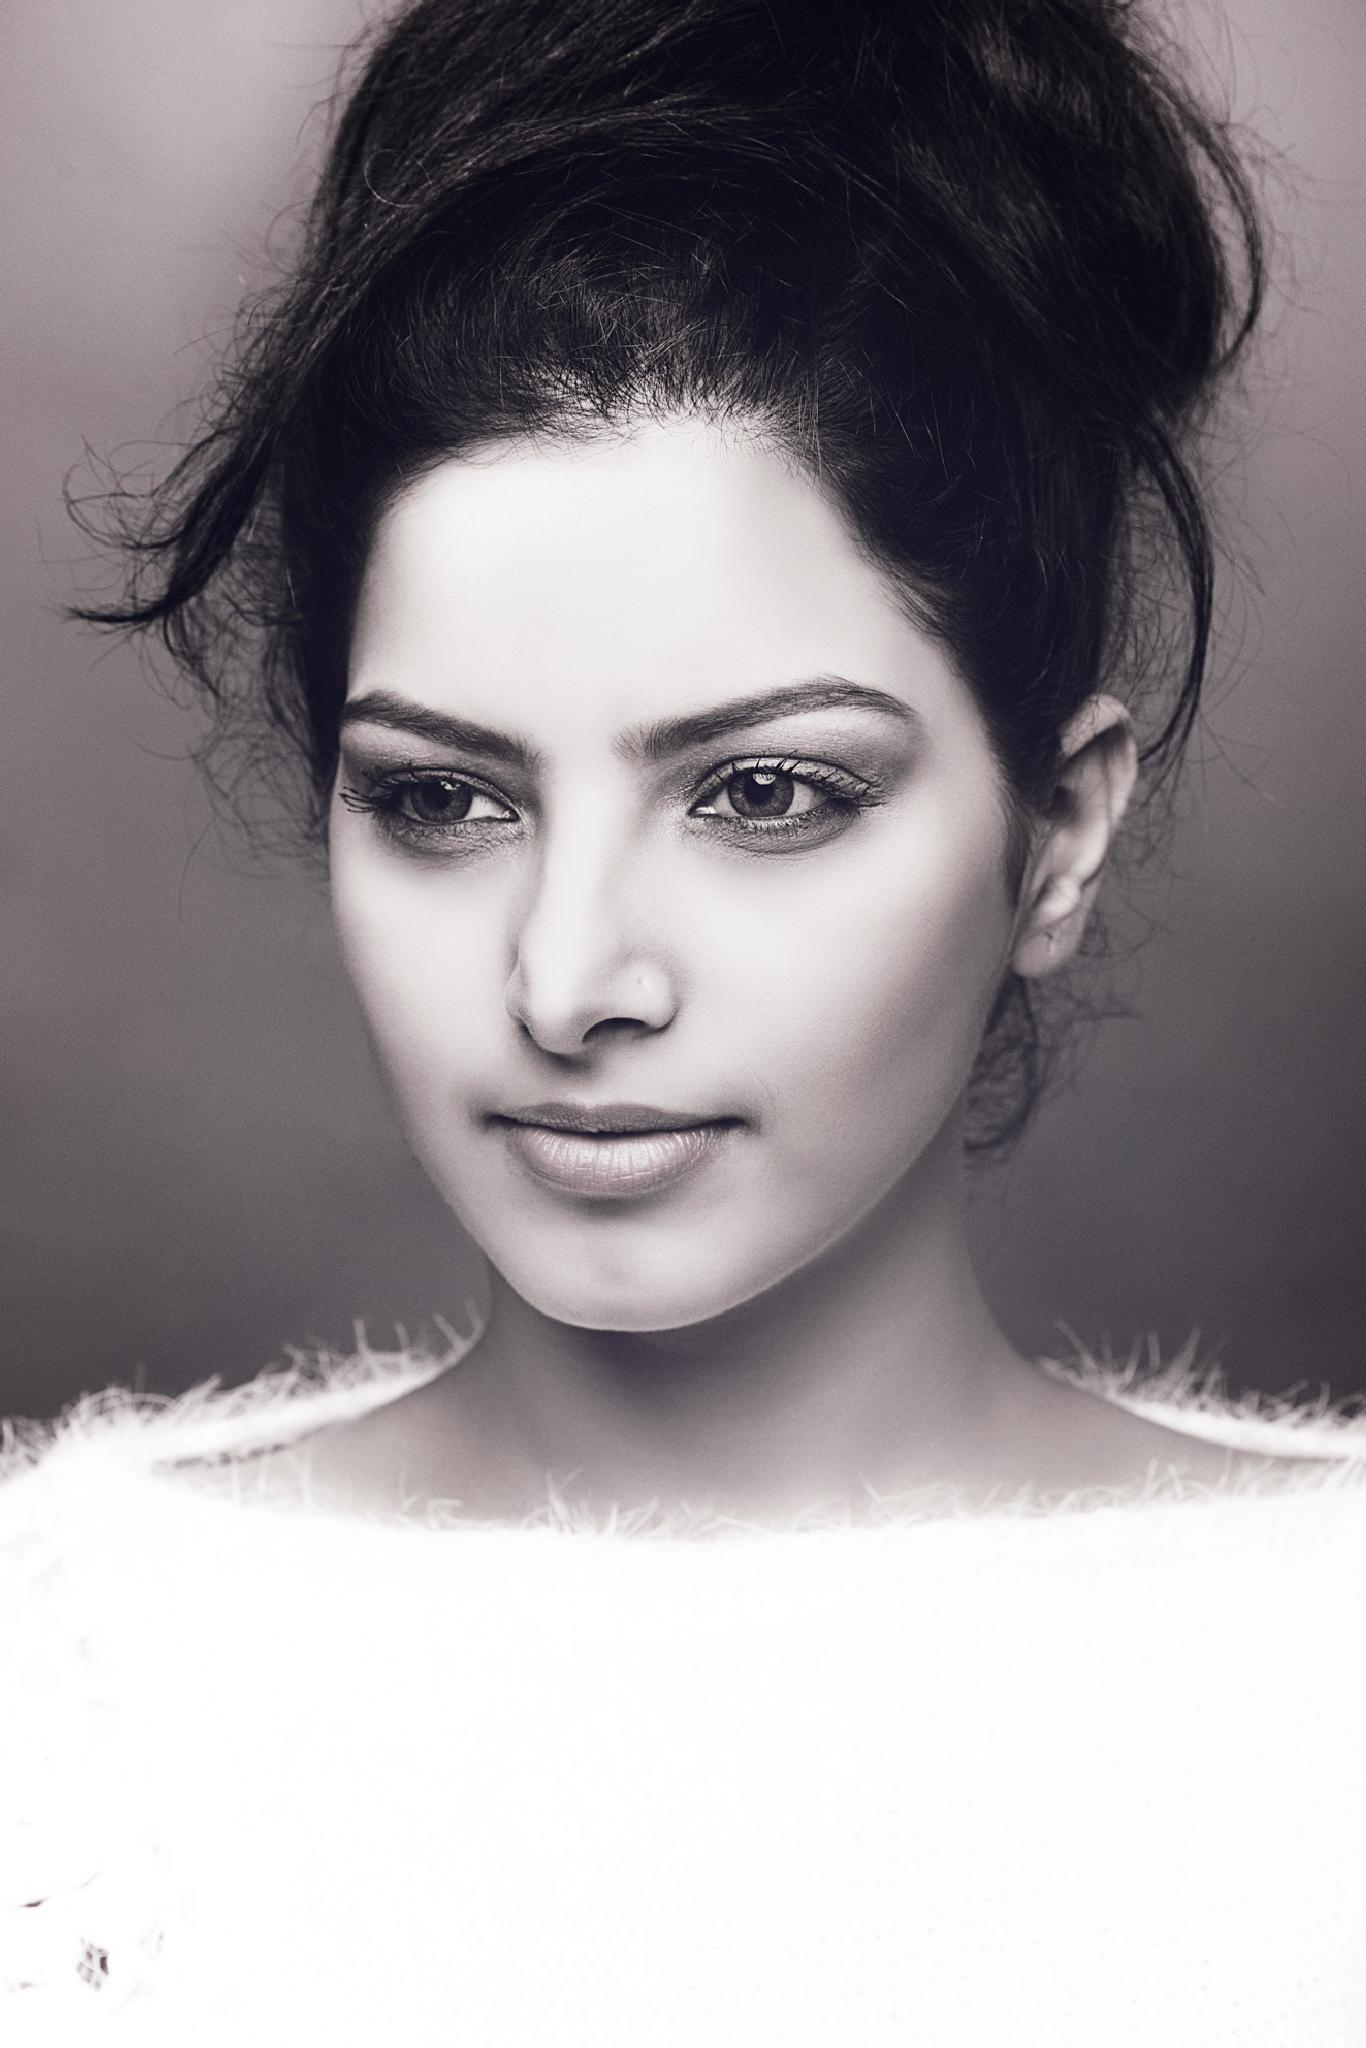 bhawna by sanjay kukreti